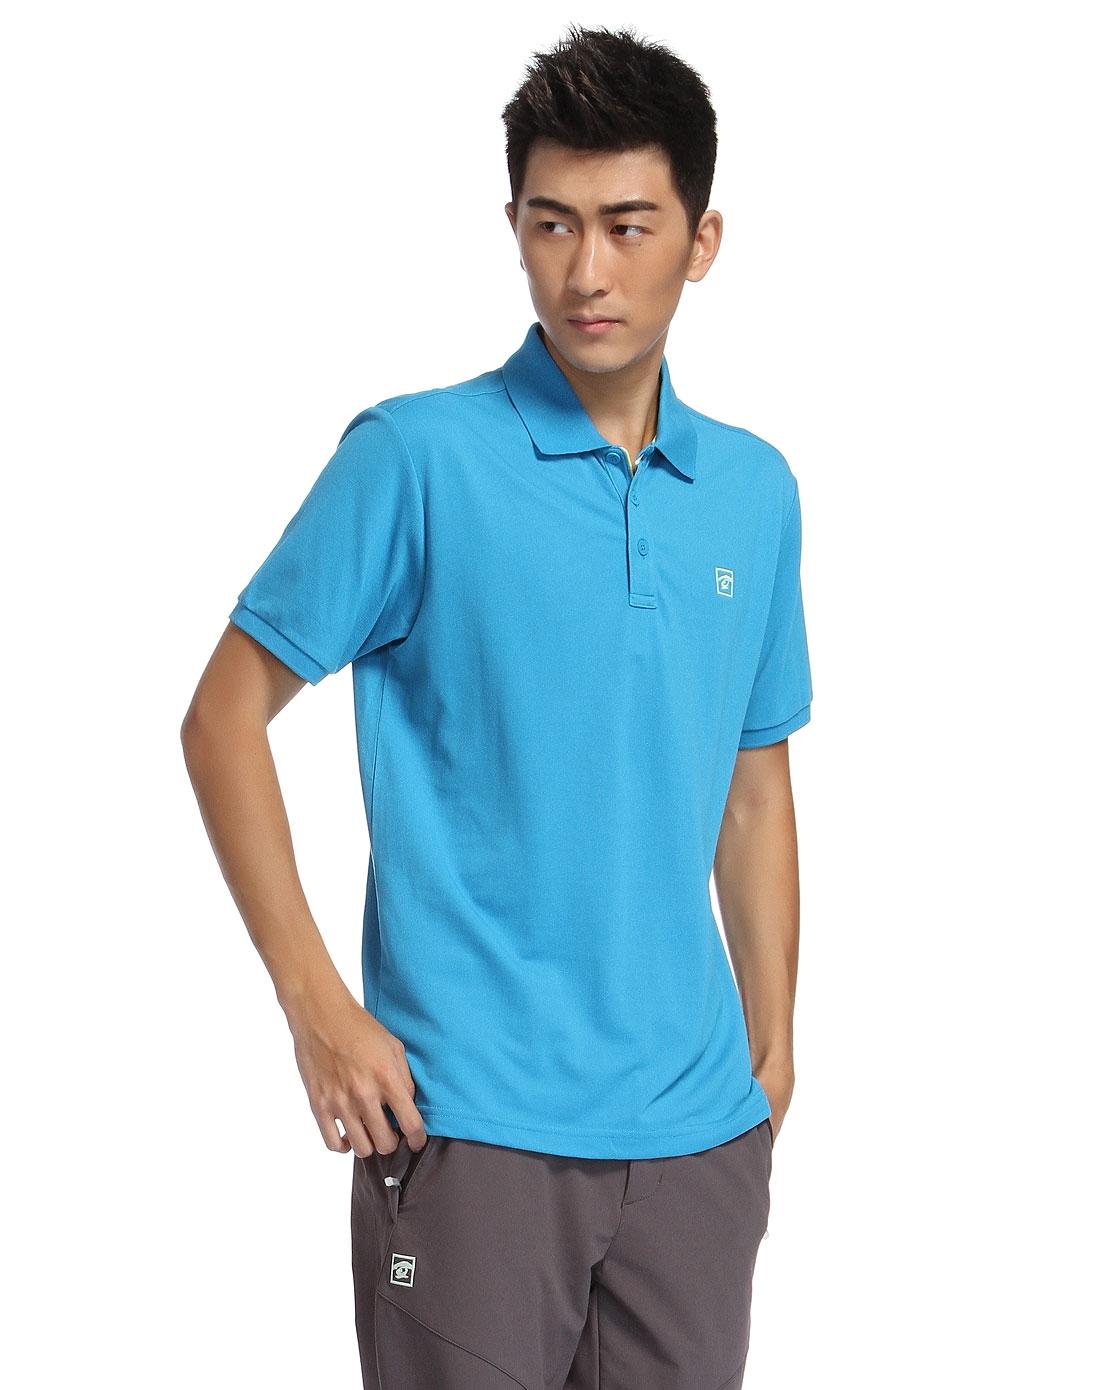 简约活力海水蓝色短袖翻领速干t恤